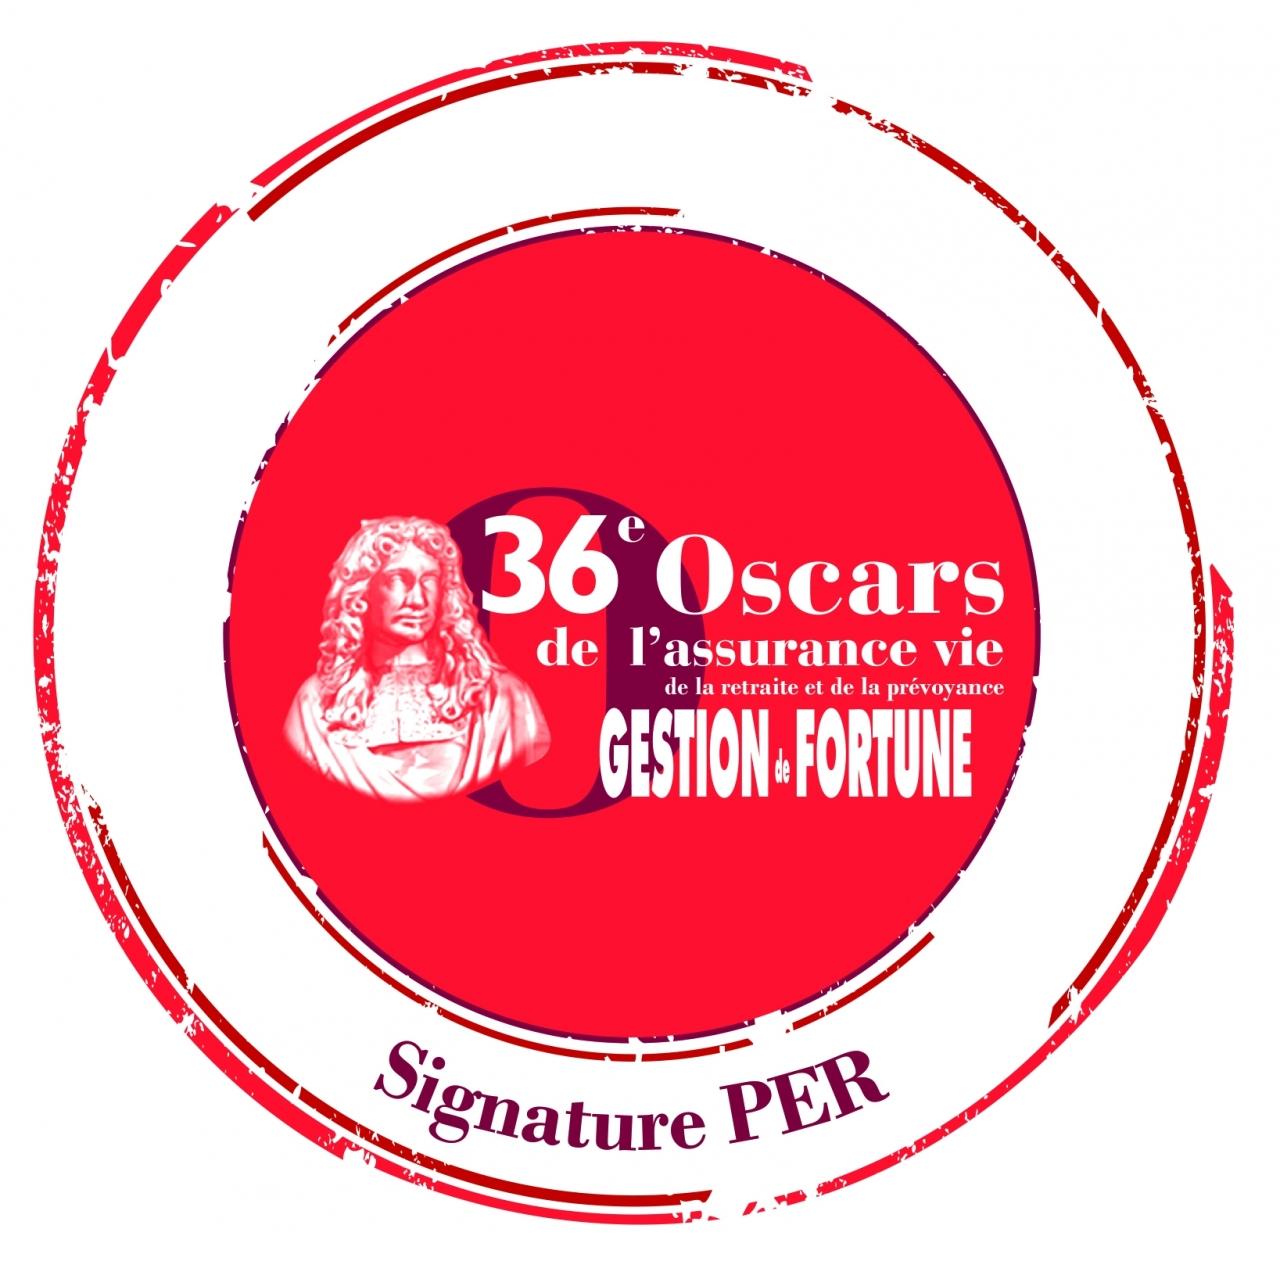 Sans nom 21/04/21 - Signature PER récompensé! MMA Expertise Patrimoine, le réseau Vie dédié aux Conseils en Gestion de Patrimoine (CGP) et aux Courtiers, a reçu le 8 avril dernier un Oscar pour sa solution PER « Signature PER », par Gestion de Fortune, à l'occasion de la 36ème édition des Oscars de l'Assurance vie, de la Retraite et de la Prévoyance